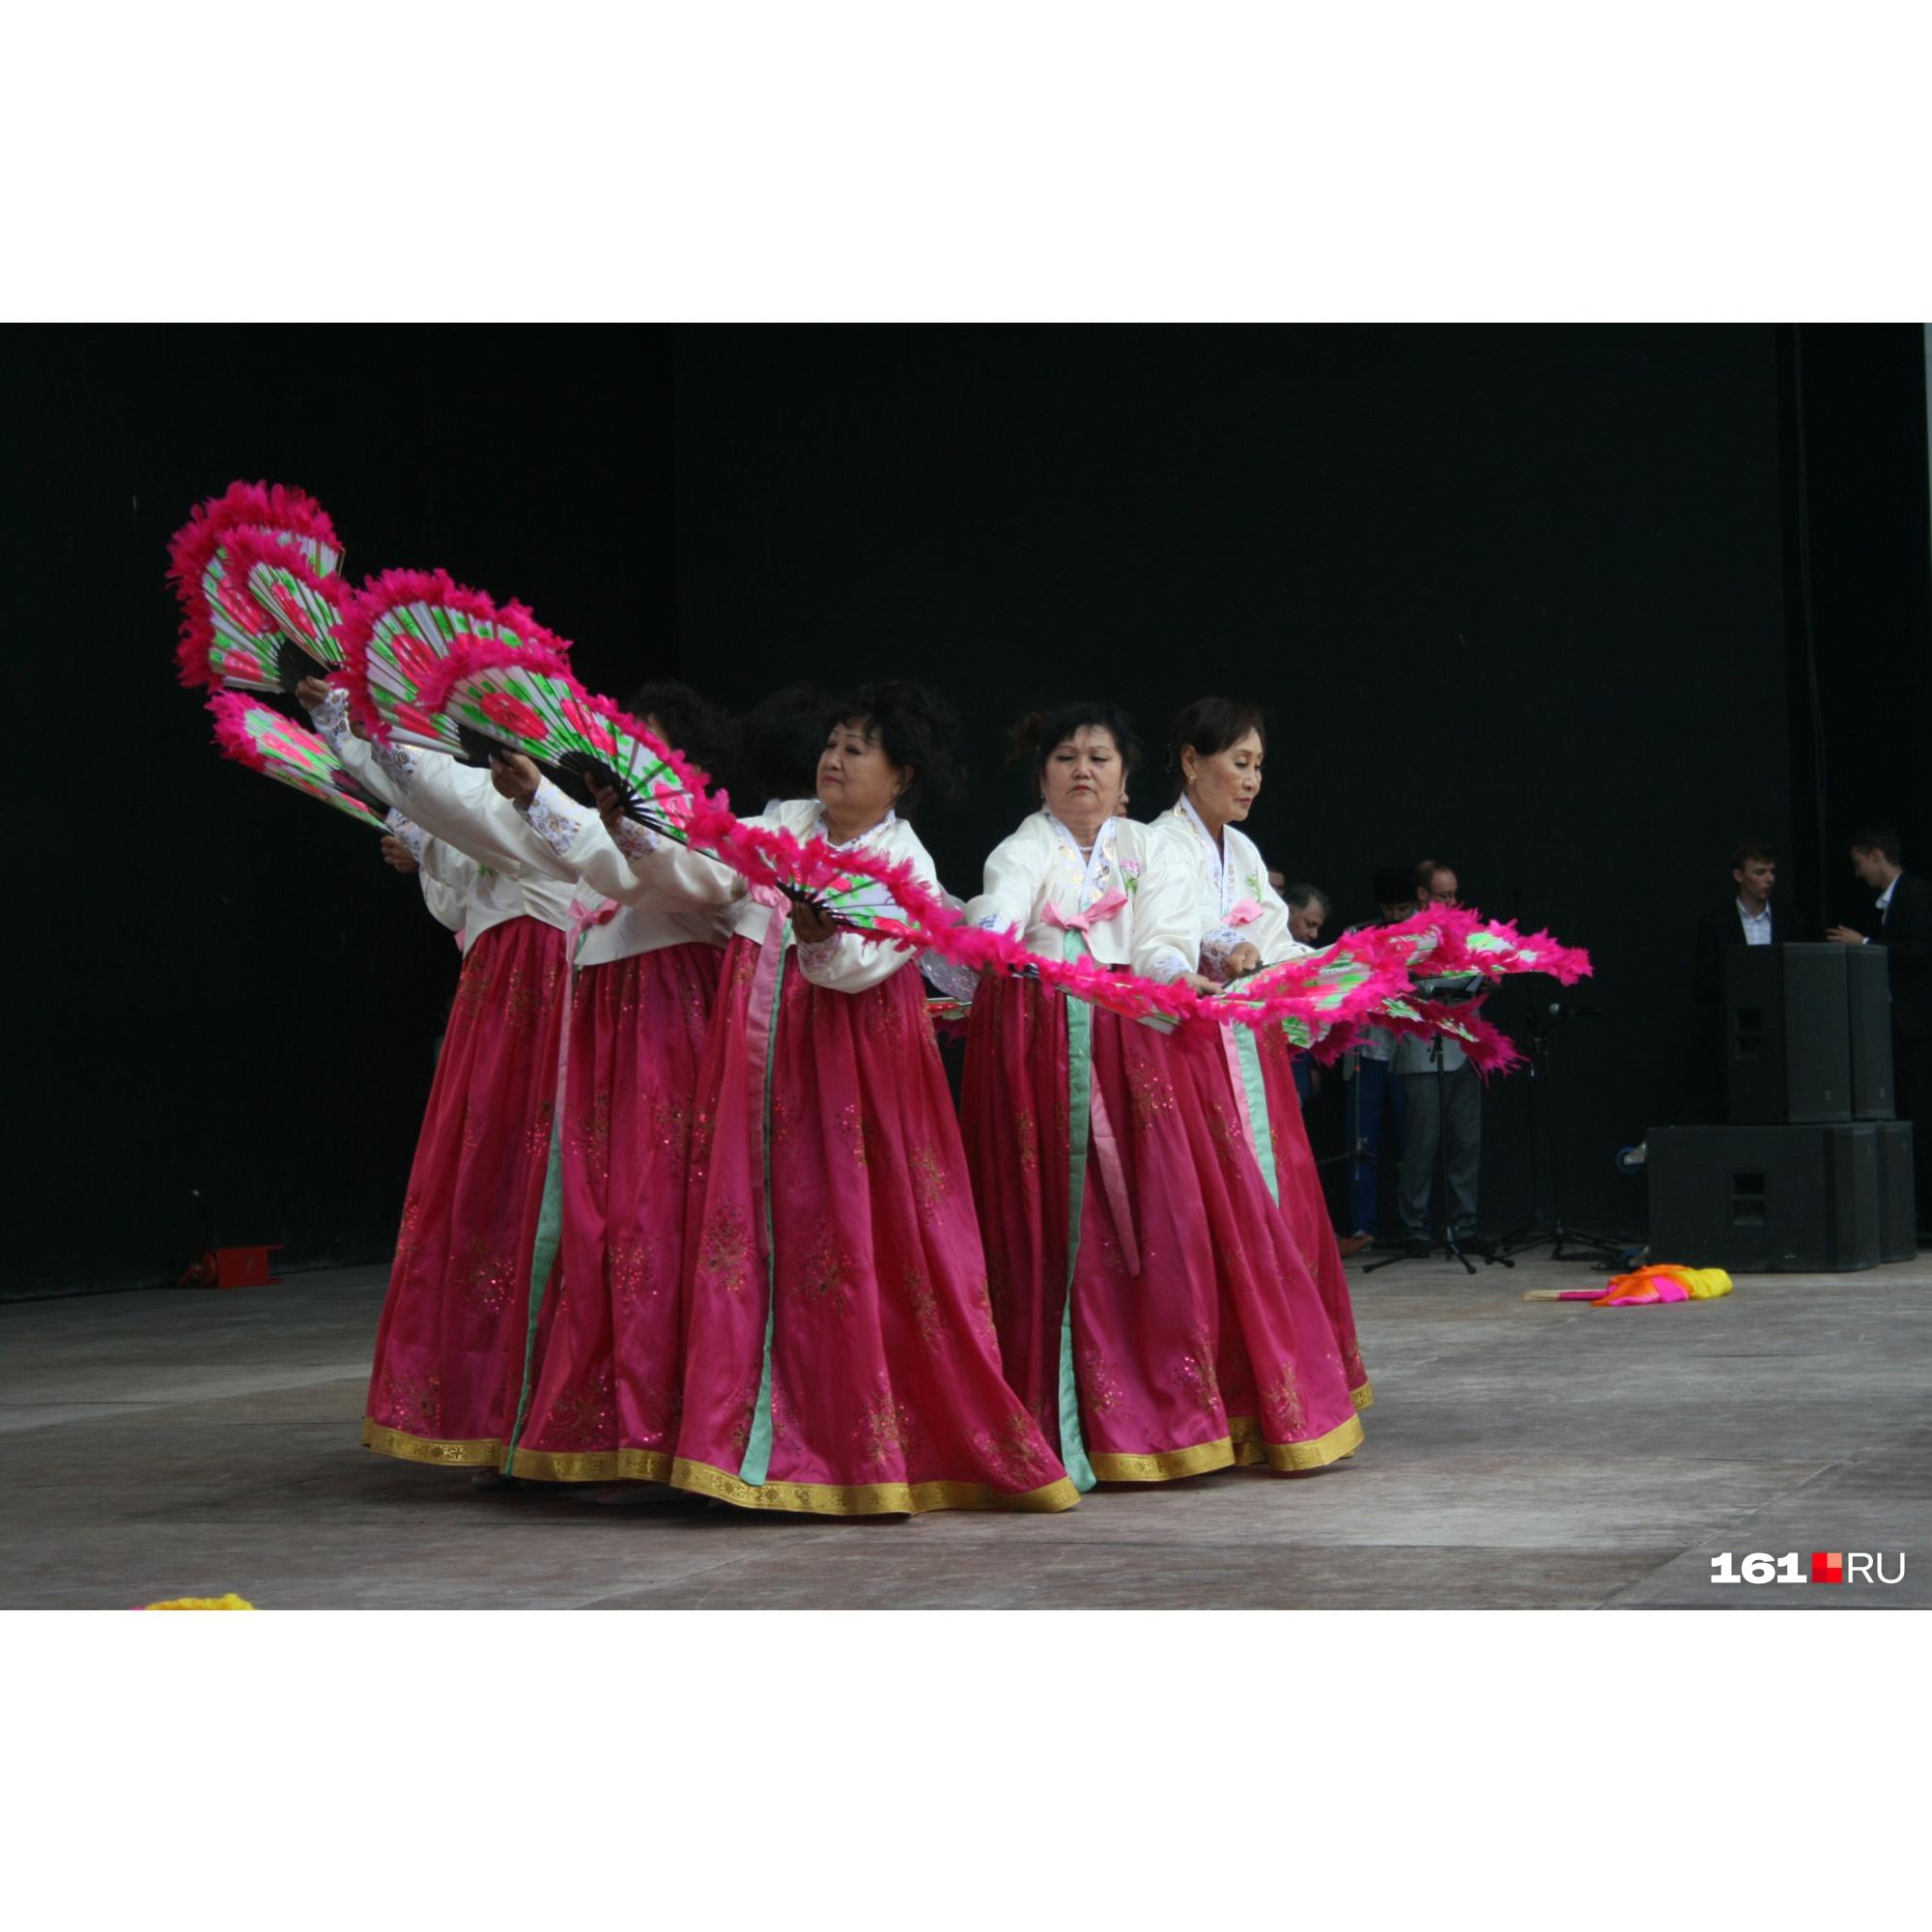 Эти дамы исполнили для зрителей корейский танец